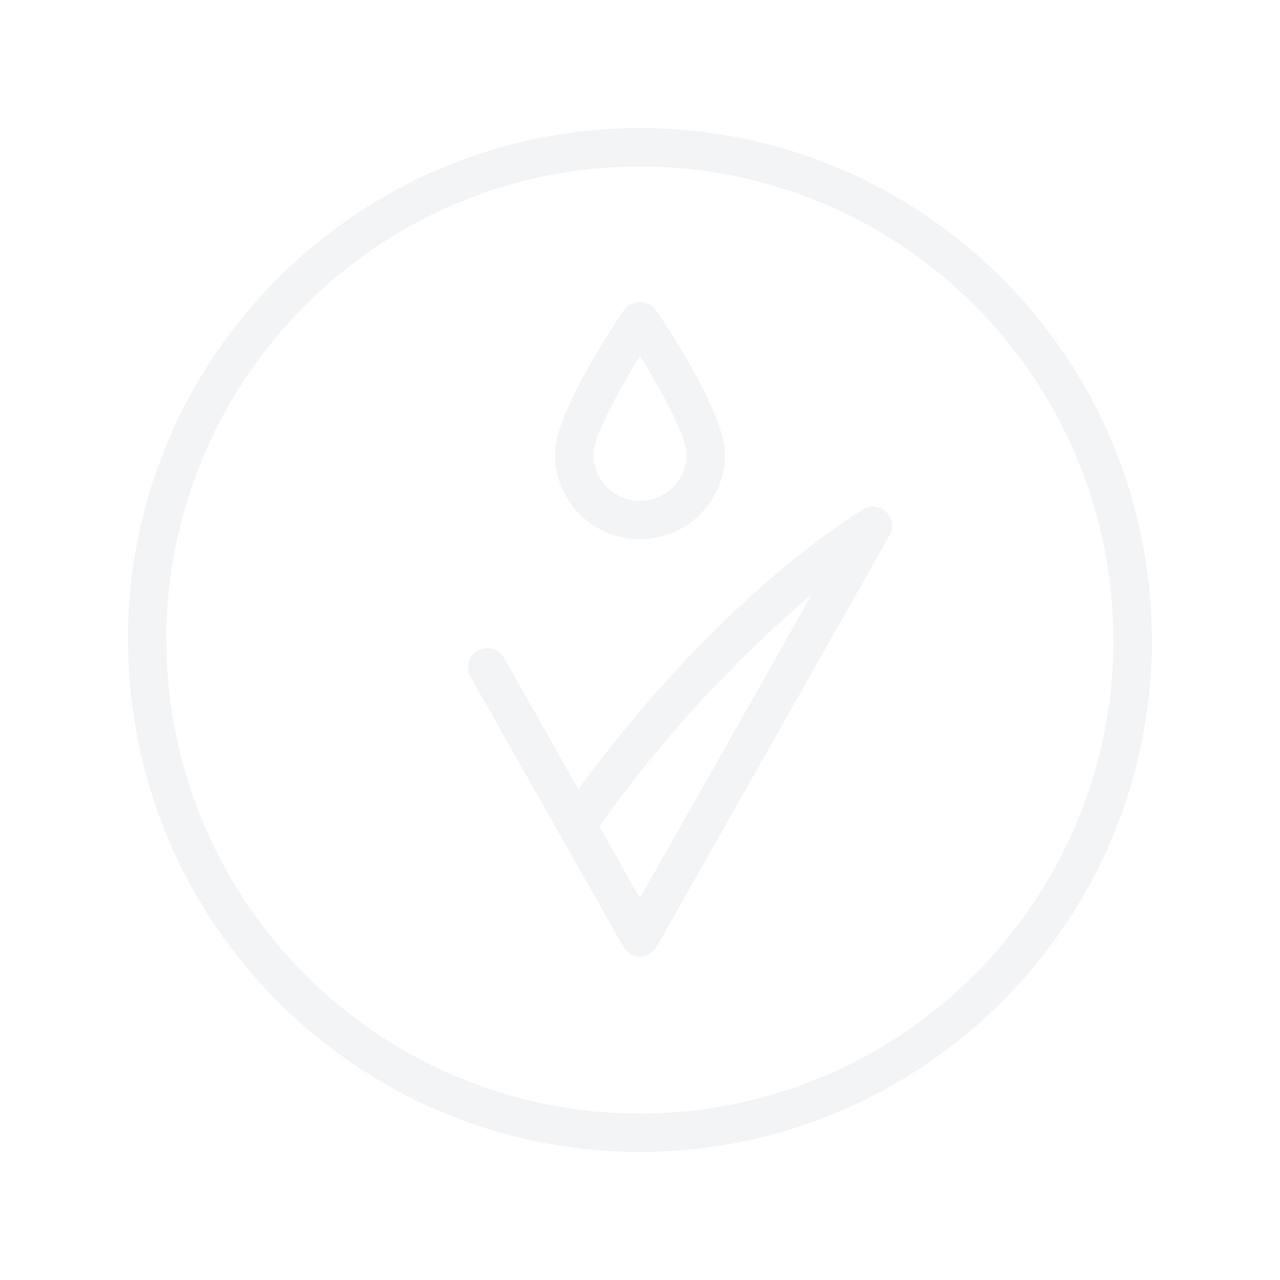 PACO RABANNE Lady Million 50ml Eau De Parfum Gift Set